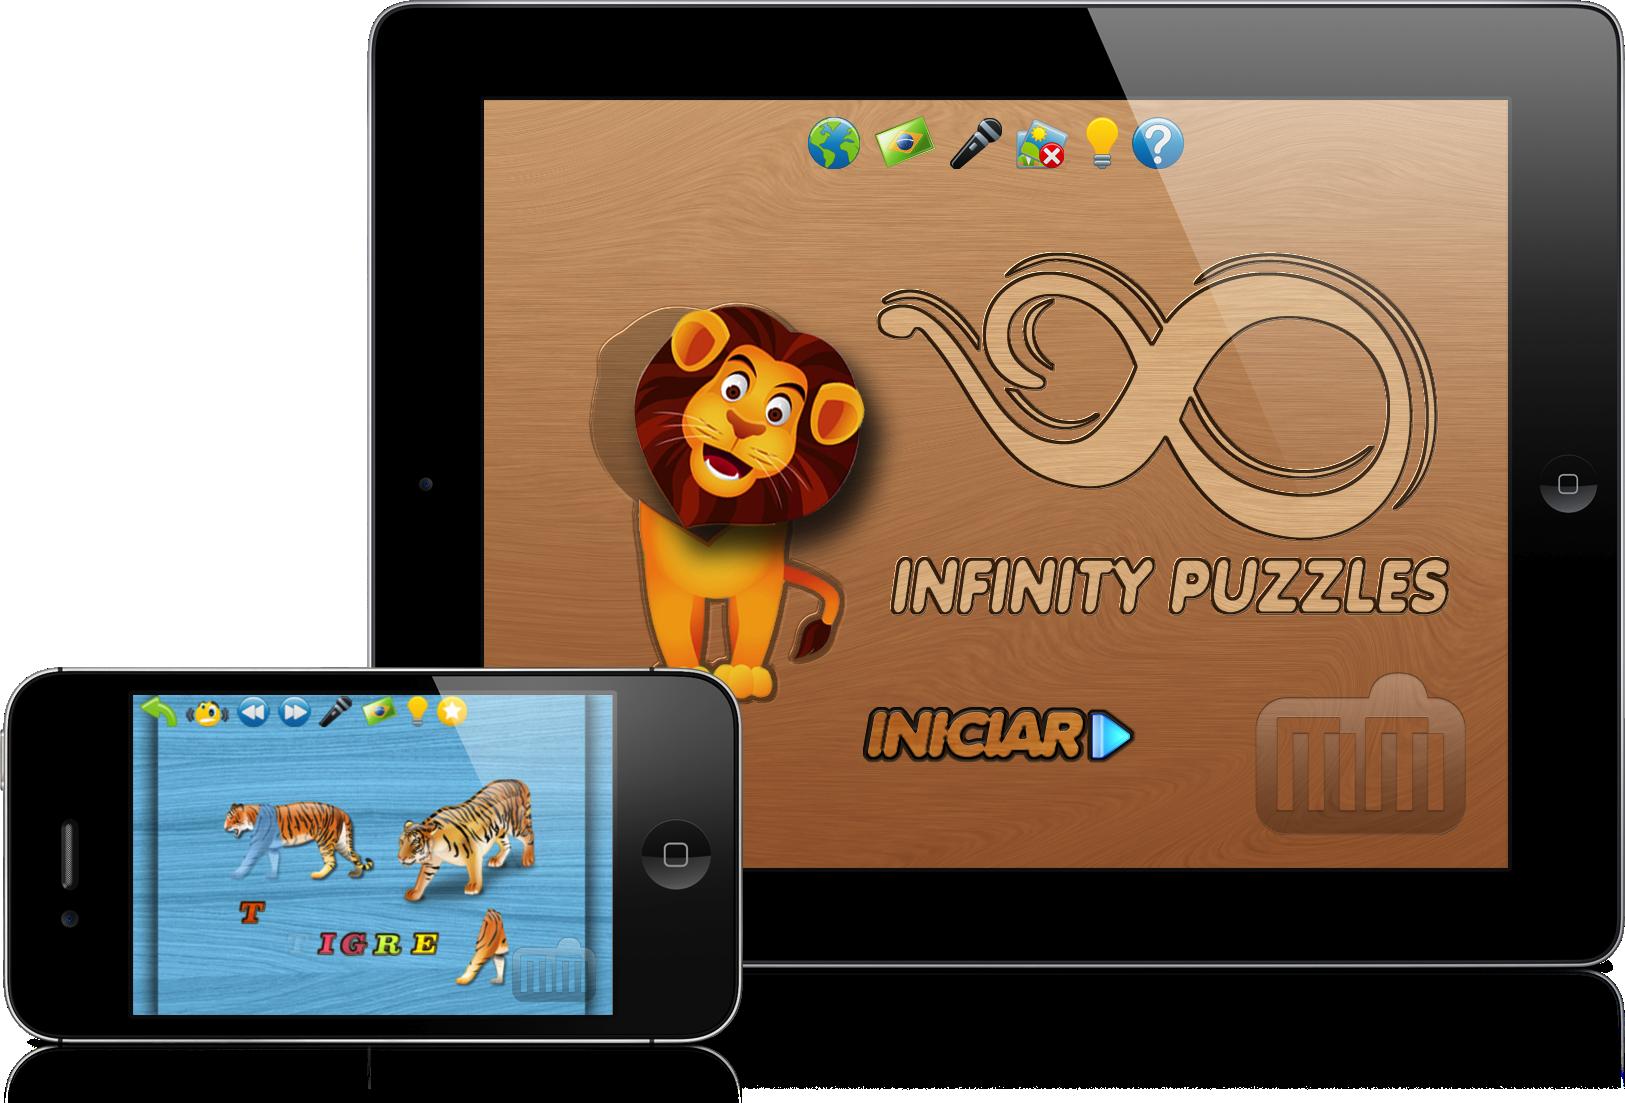 InfinityPuzzles